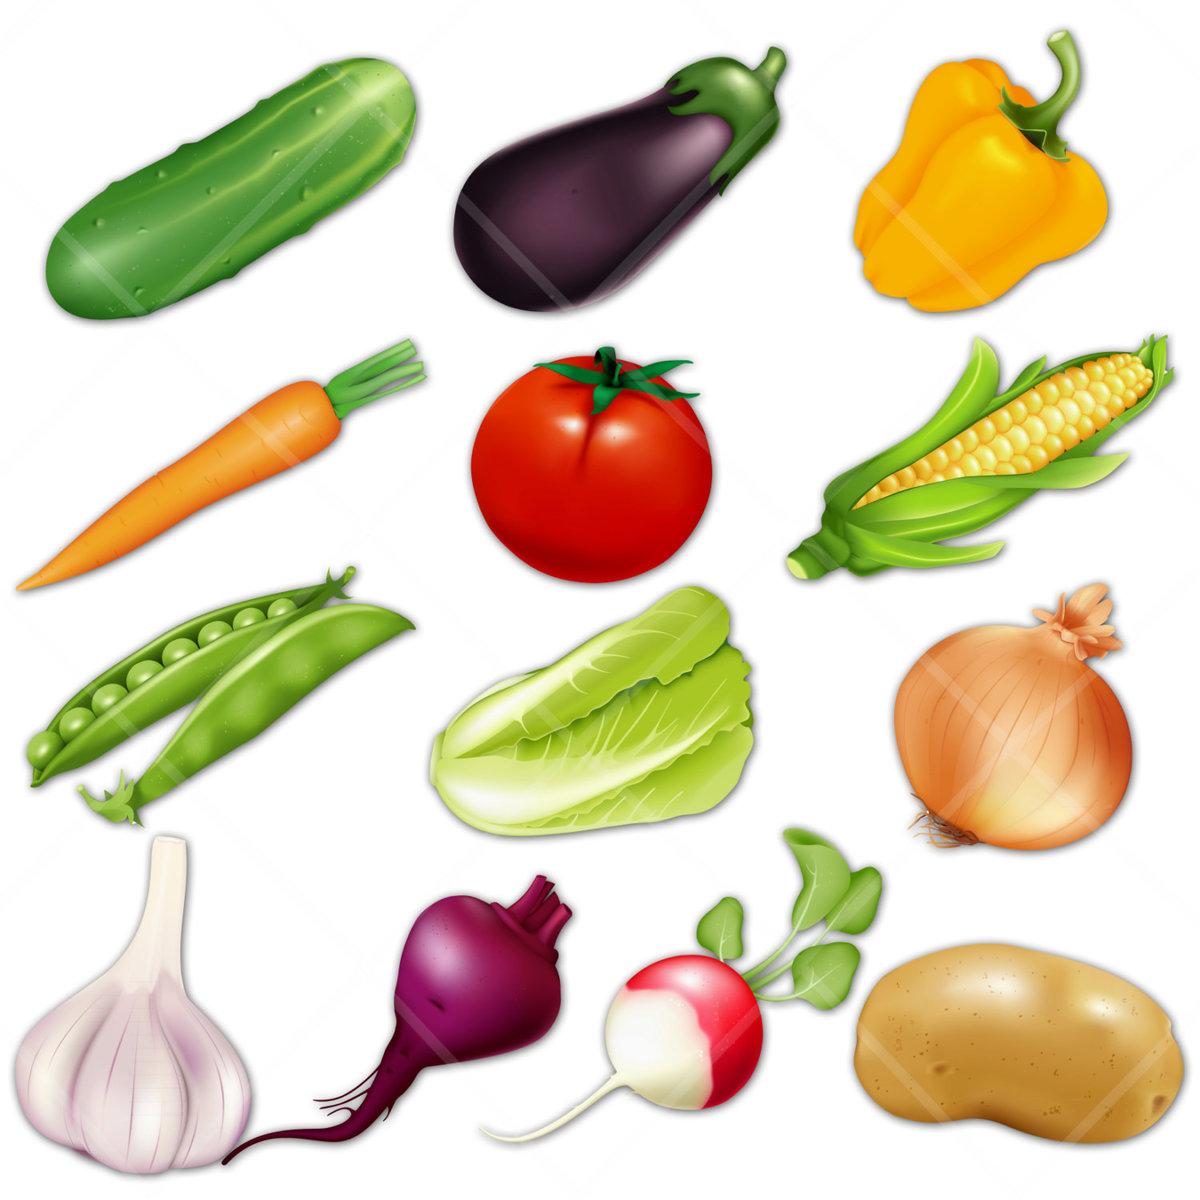 круг формы овощей в картинках мал, плаксив еще